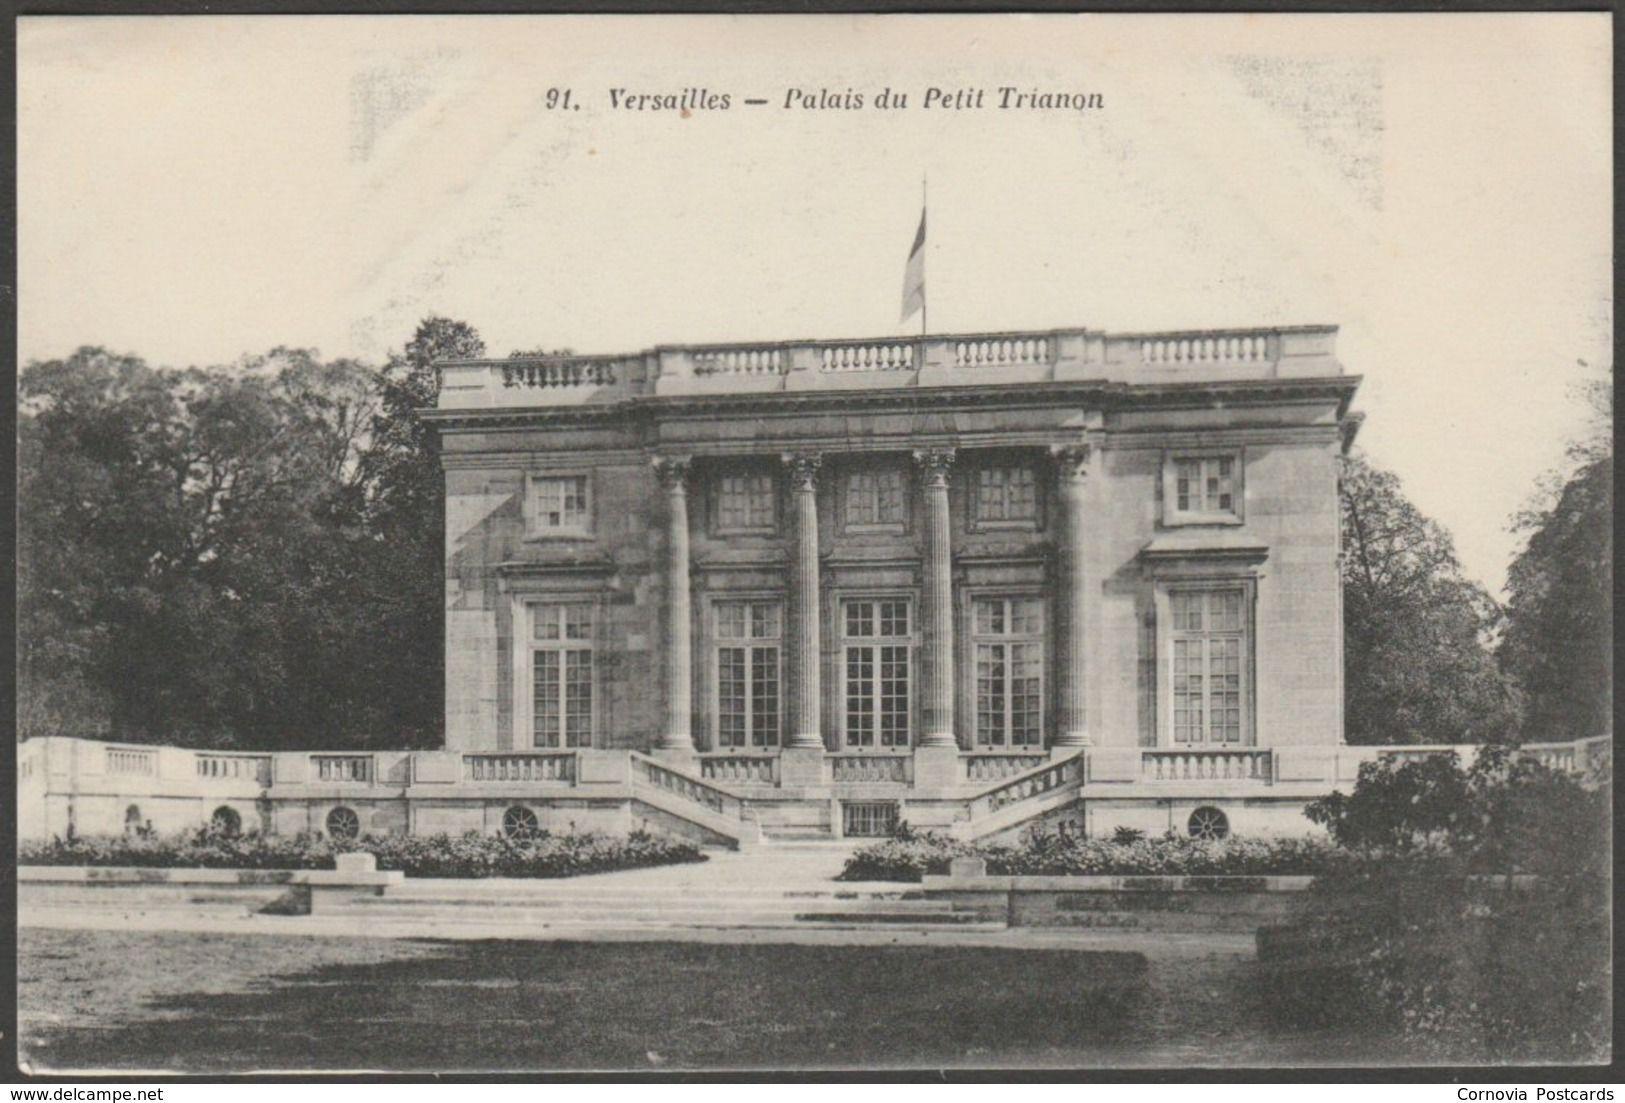 Palais de Petit Trianon, Versailles, Yvelines, c.1910 - Bourdier ...